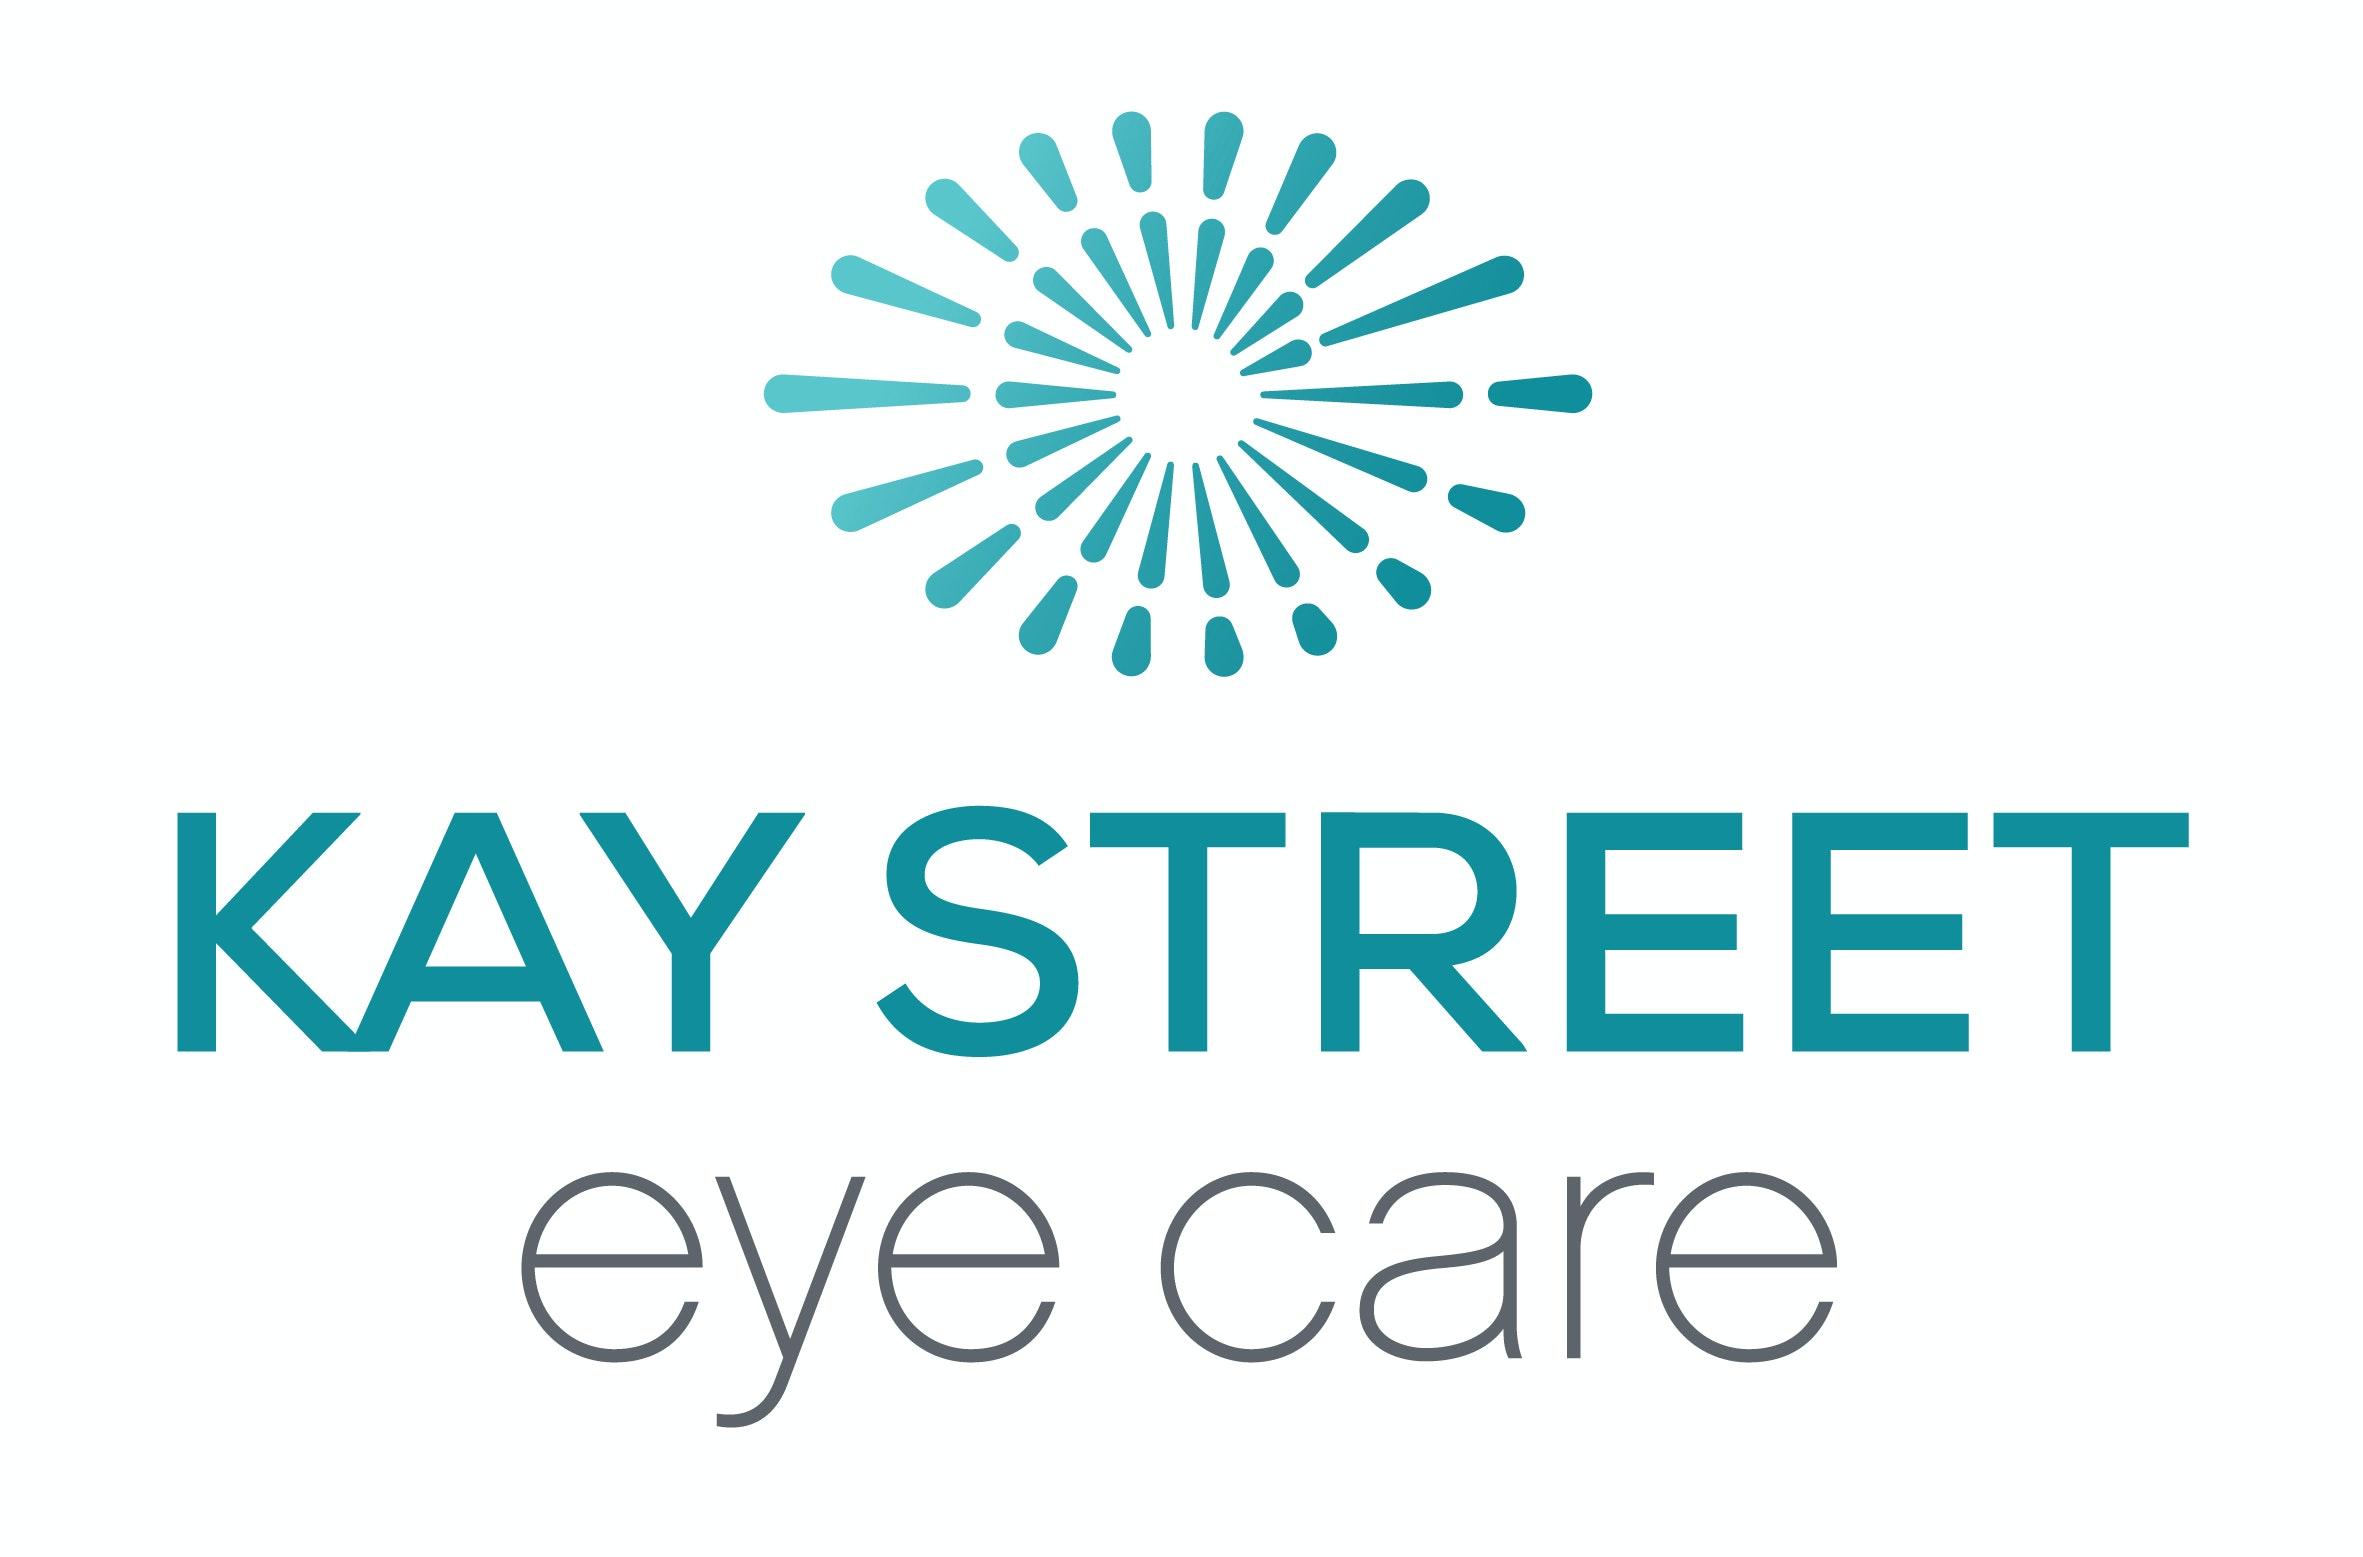 Kay Street Eyecare